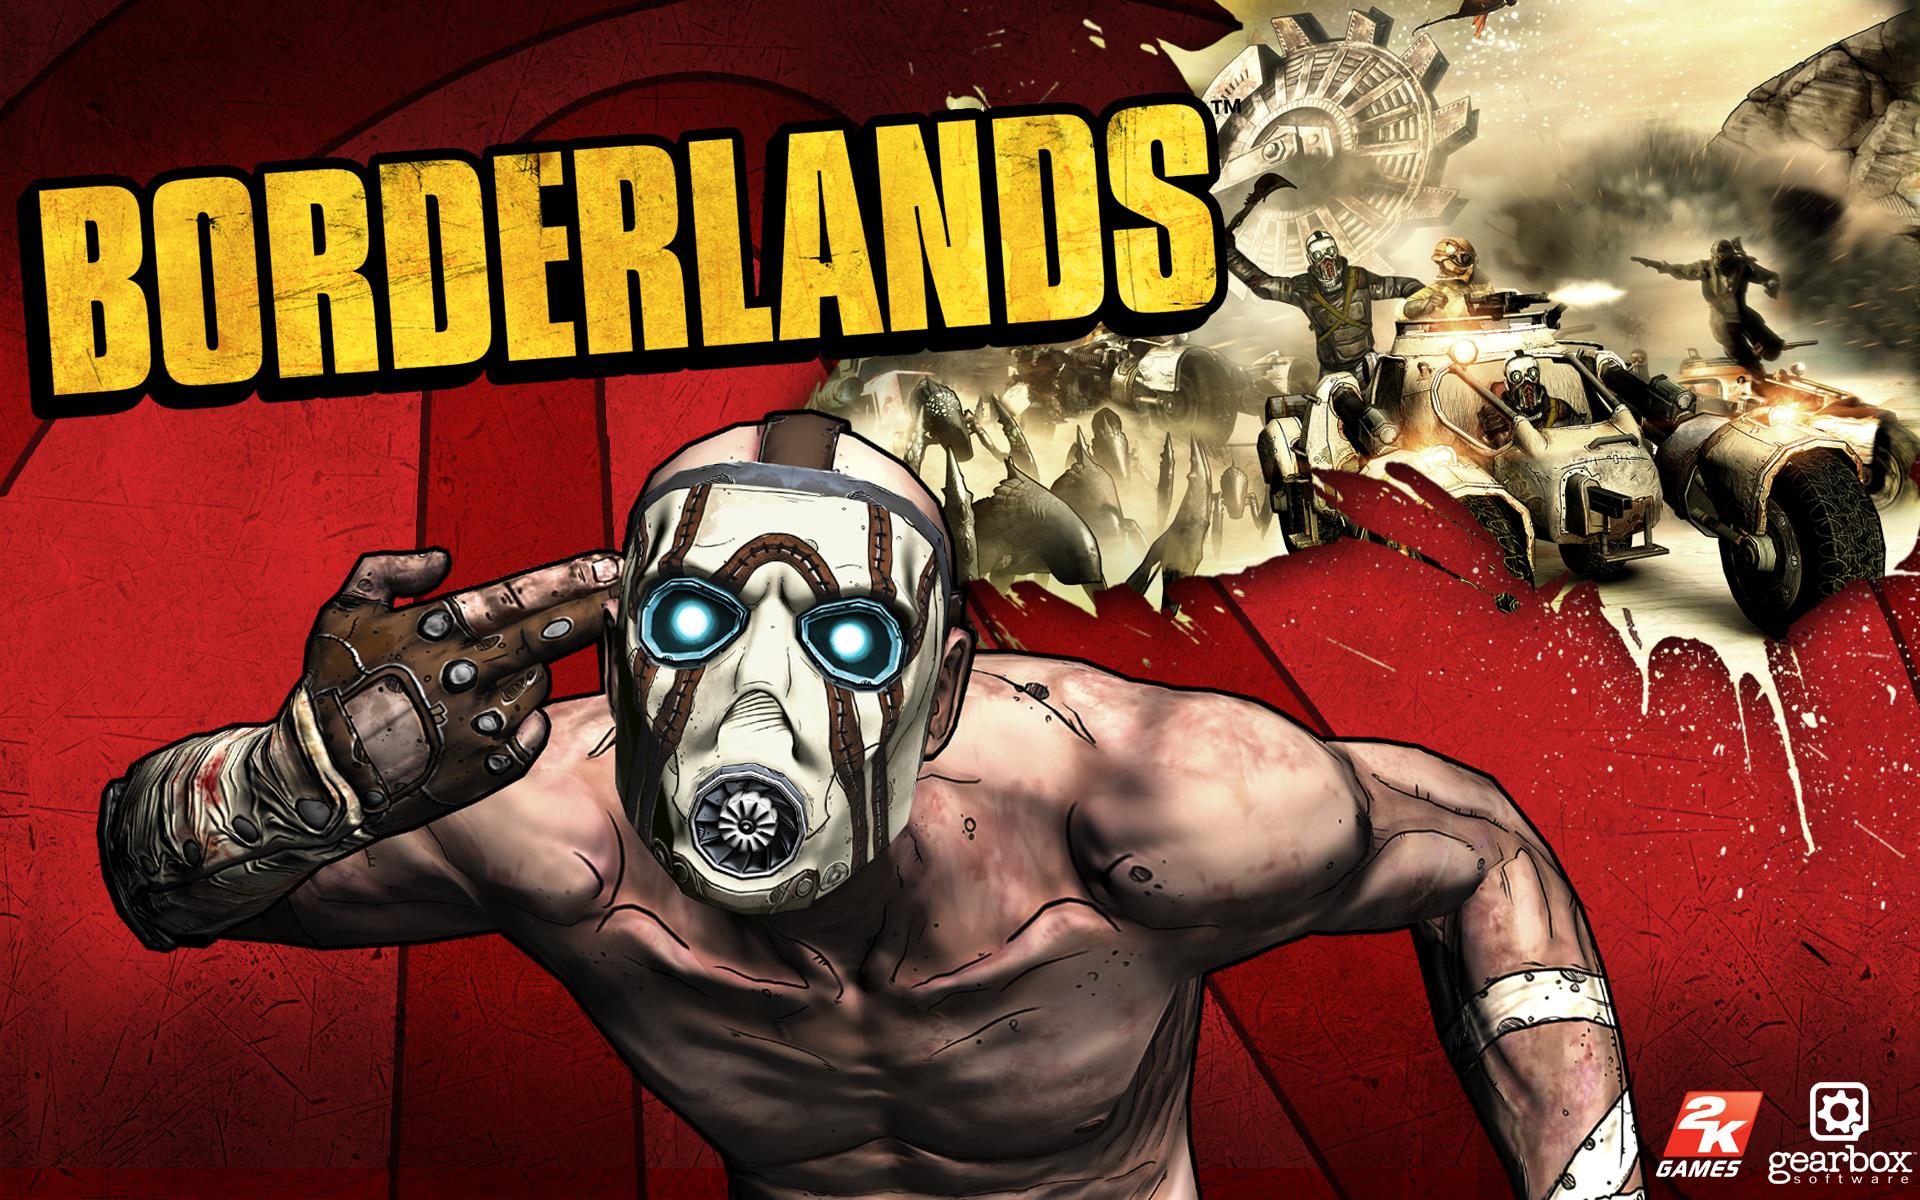 Borderlands Res: 1920x1200 / Size:1503kb. Views: 20450